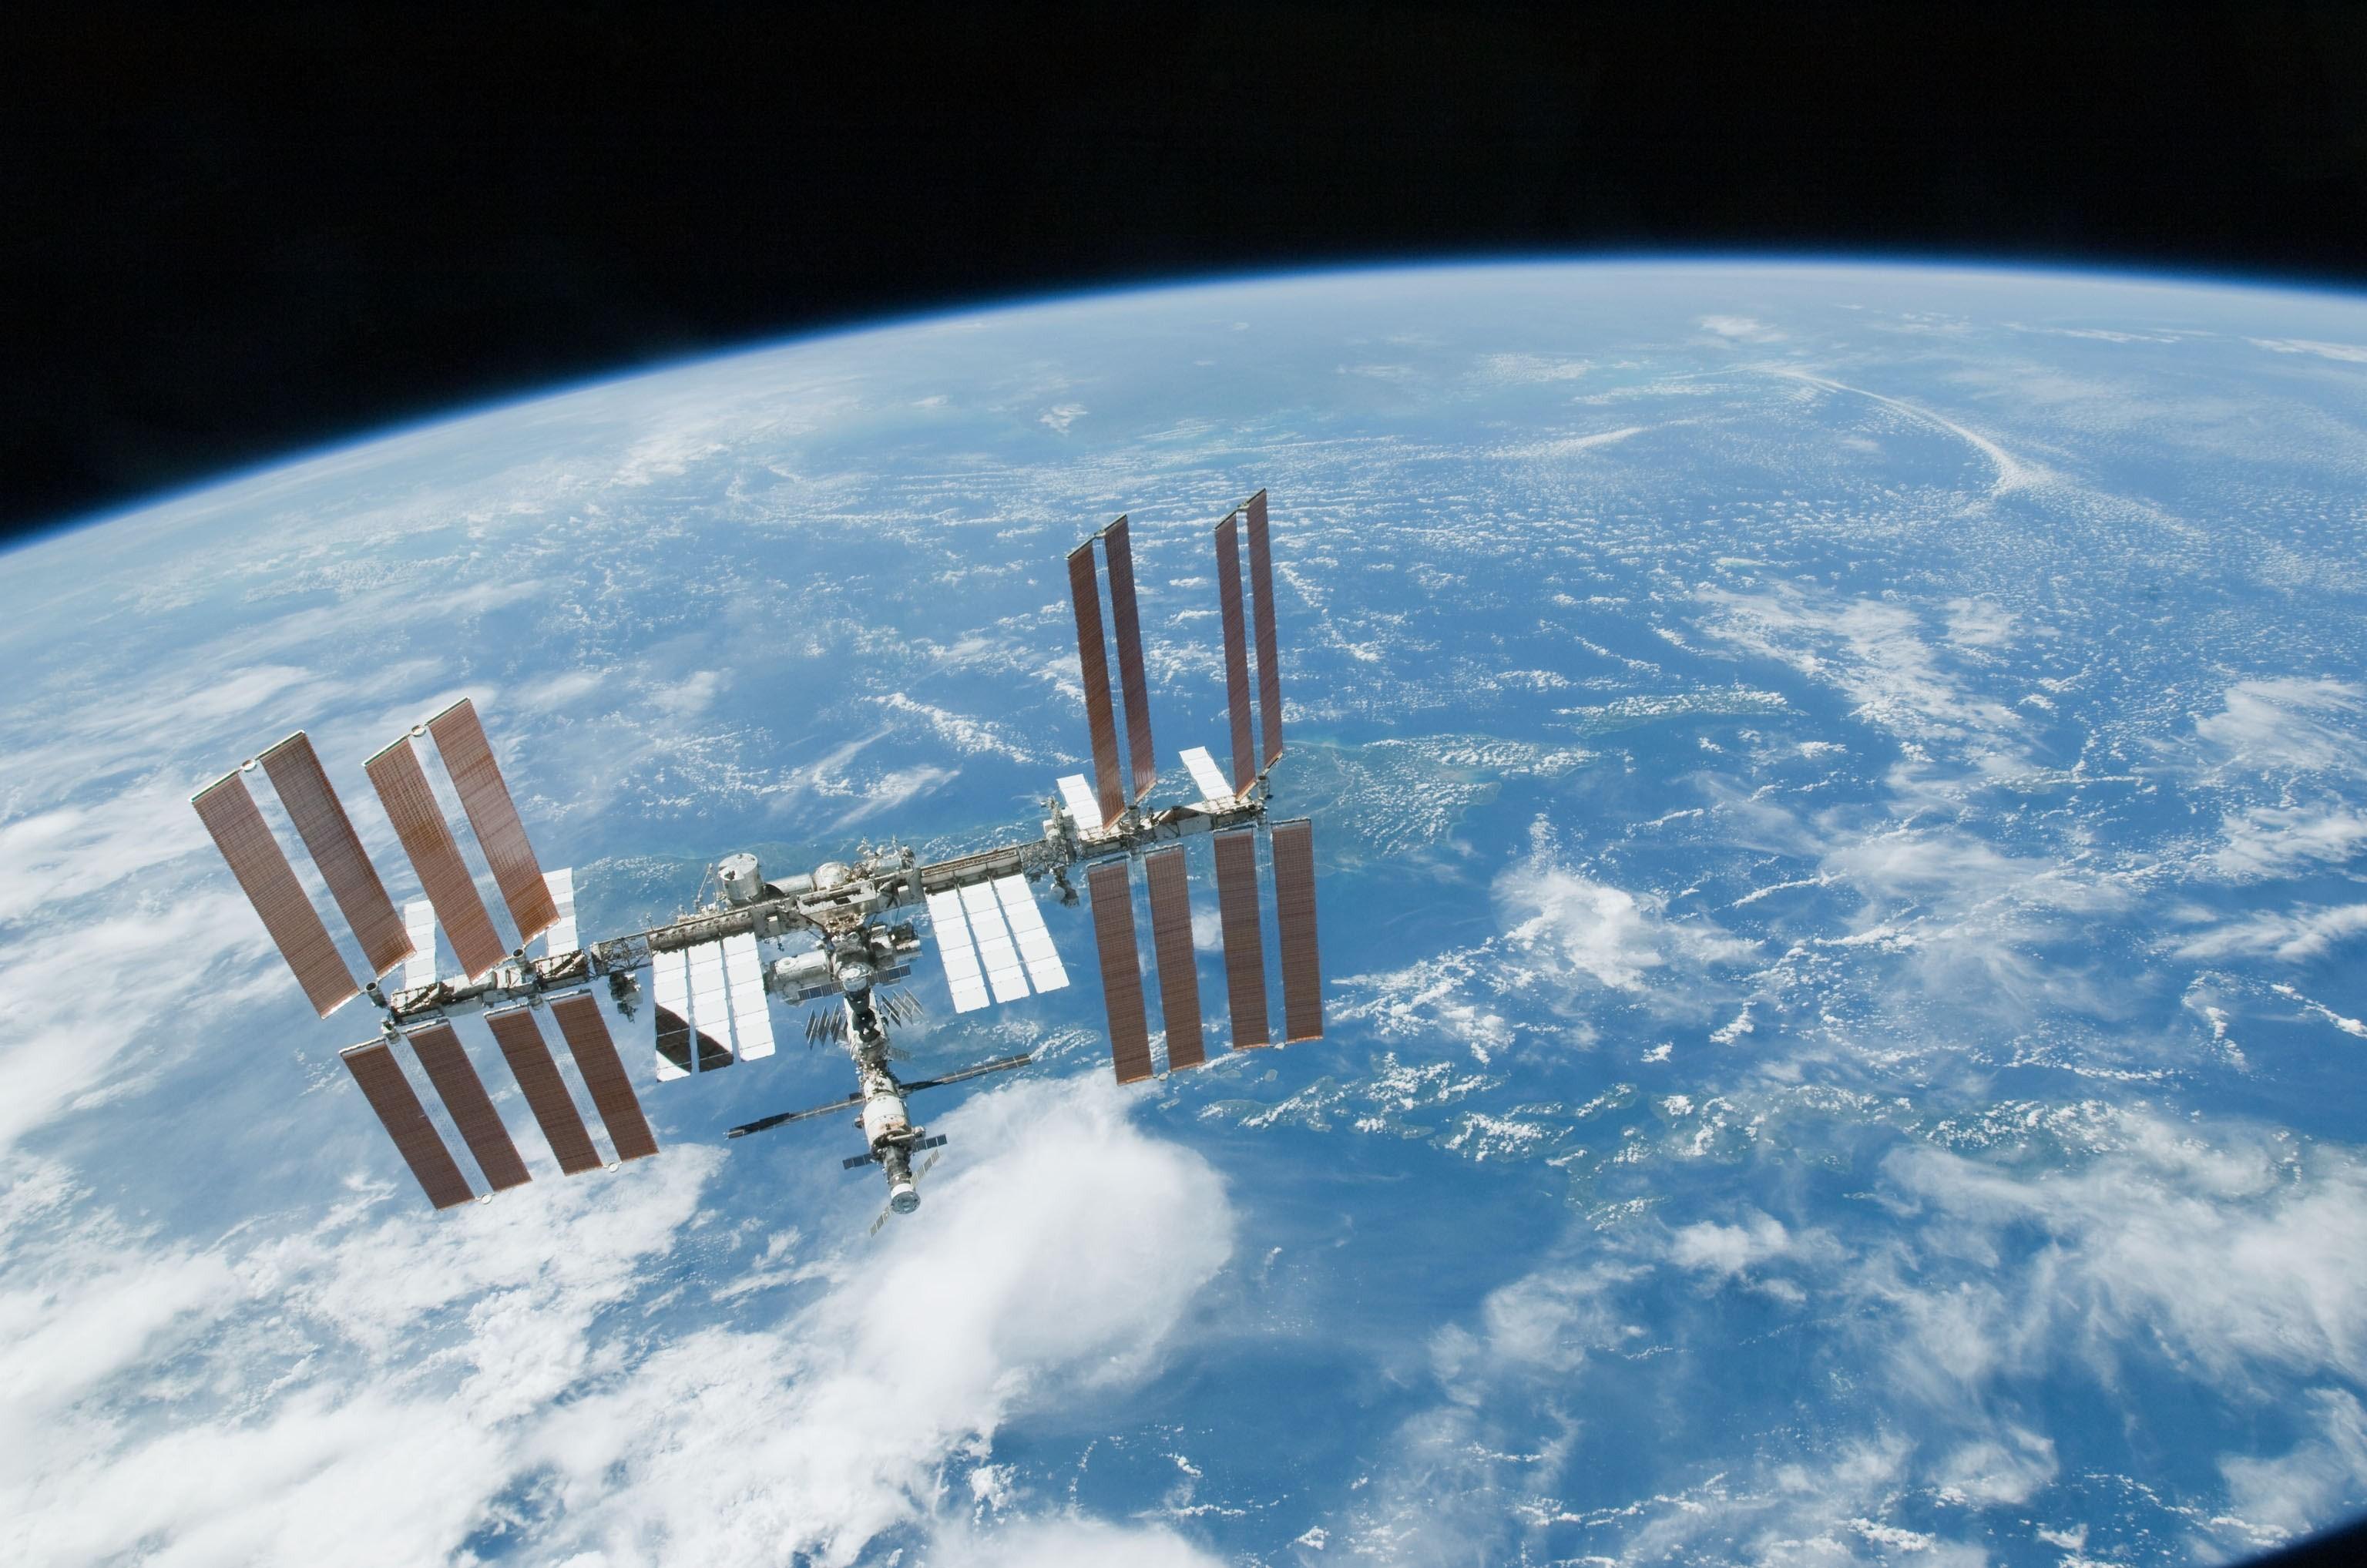 Пожарная сигнализация сработала наамериканской части МКС